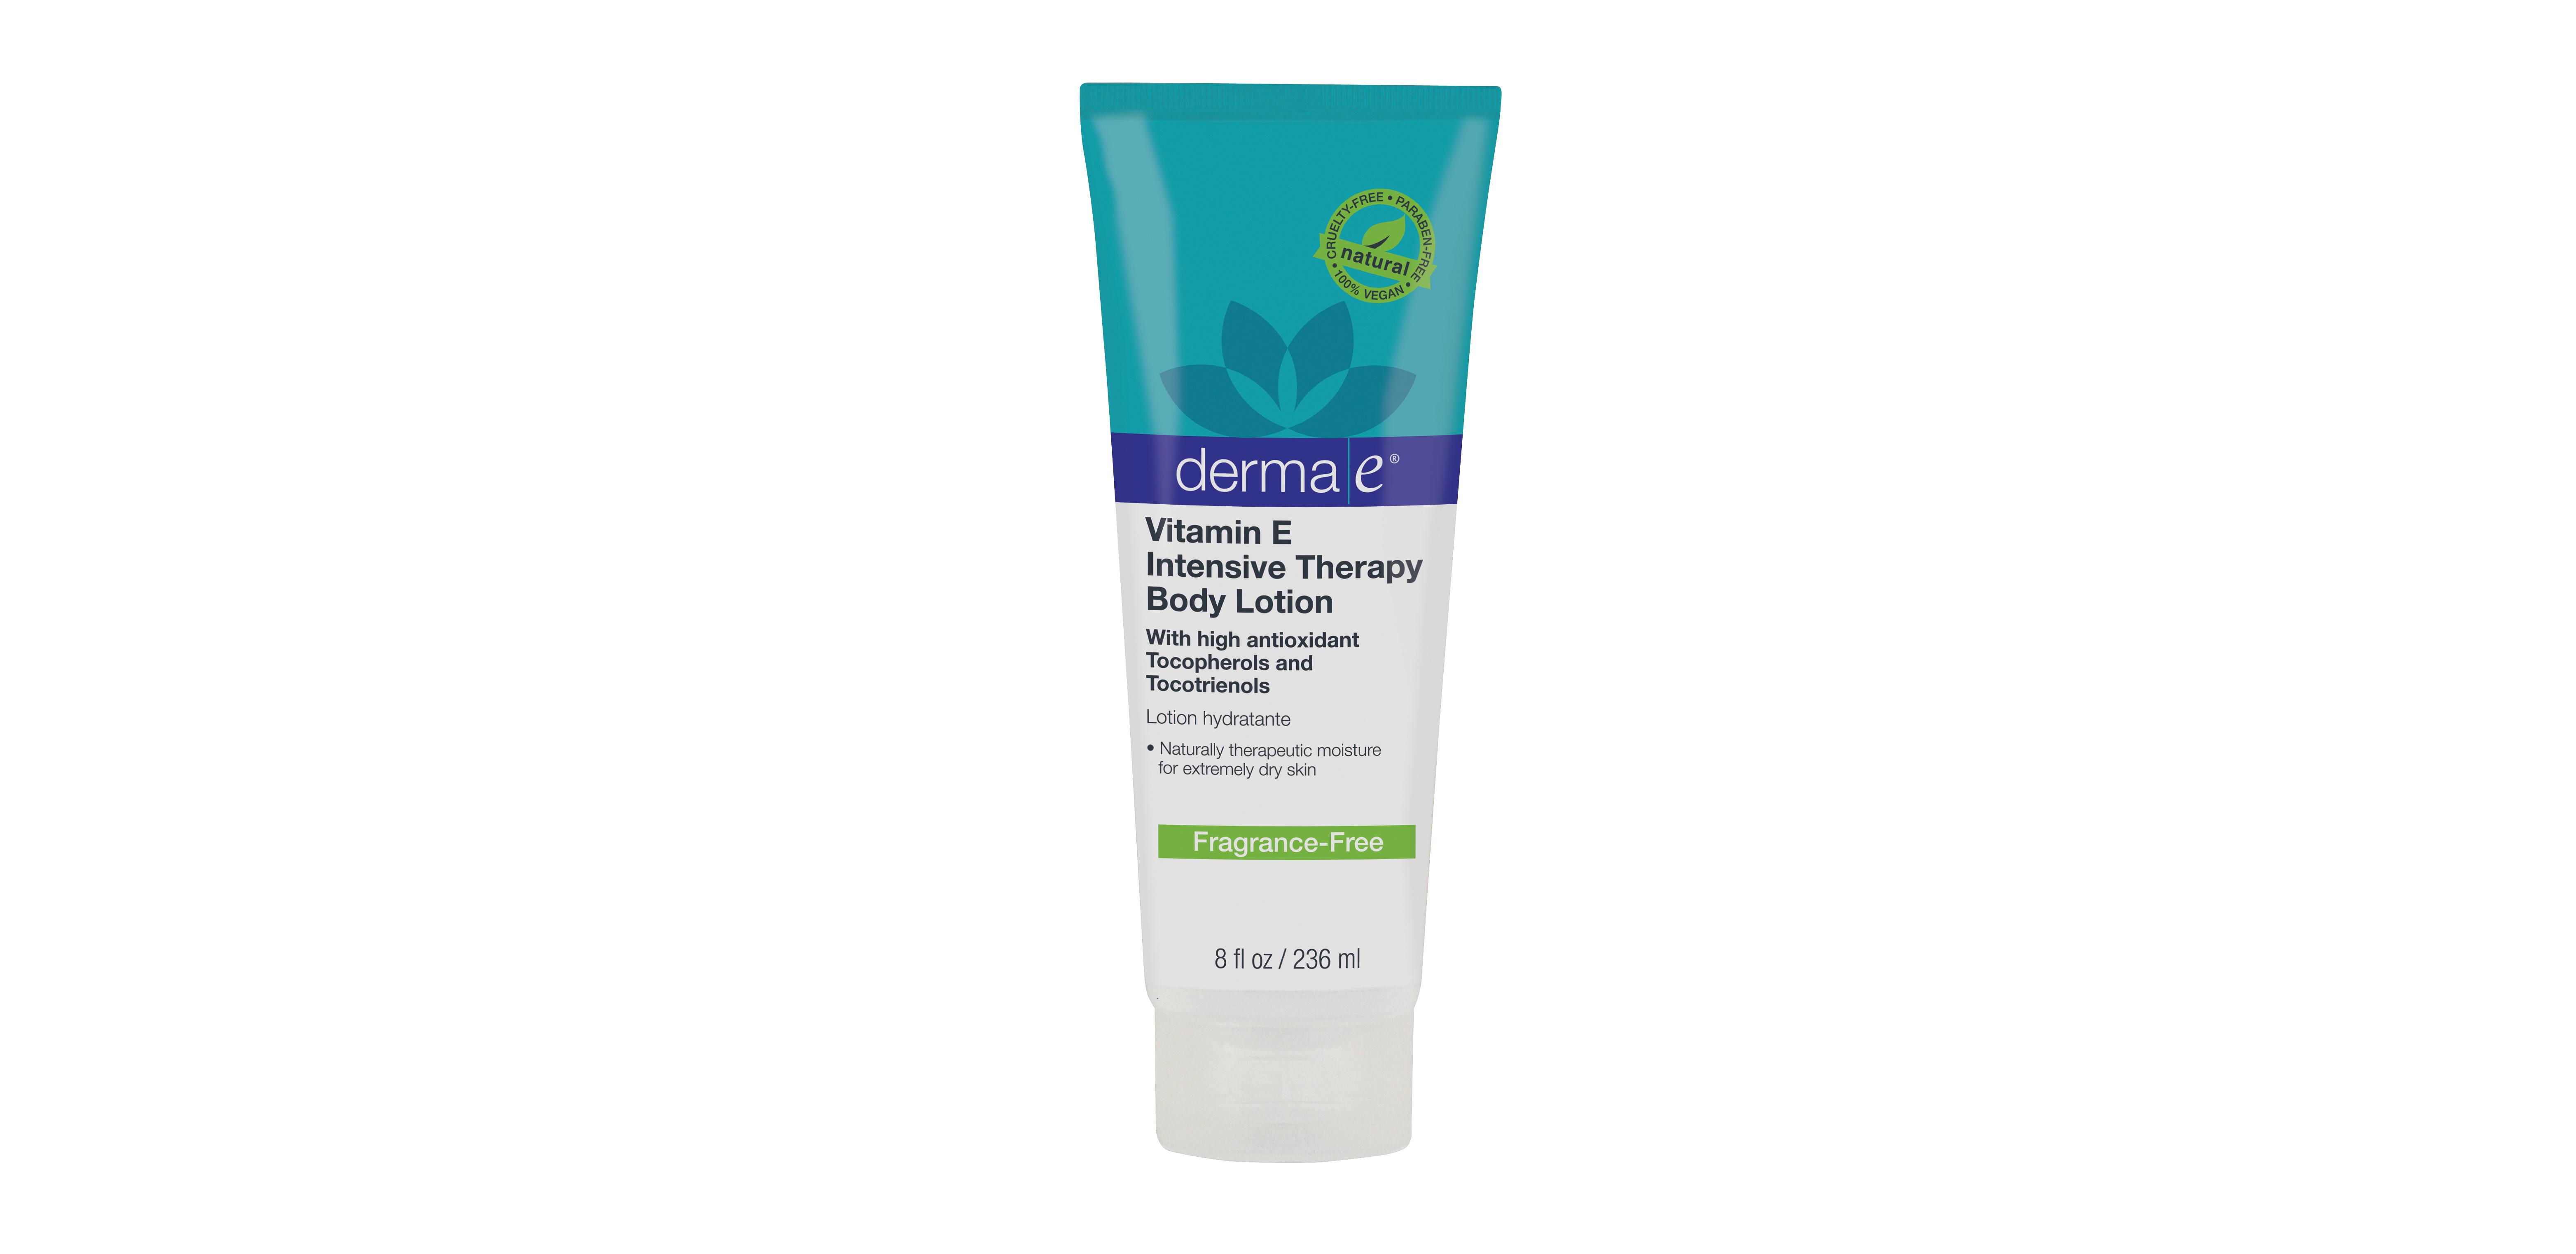 derma e fragrance free vitamin e lotion